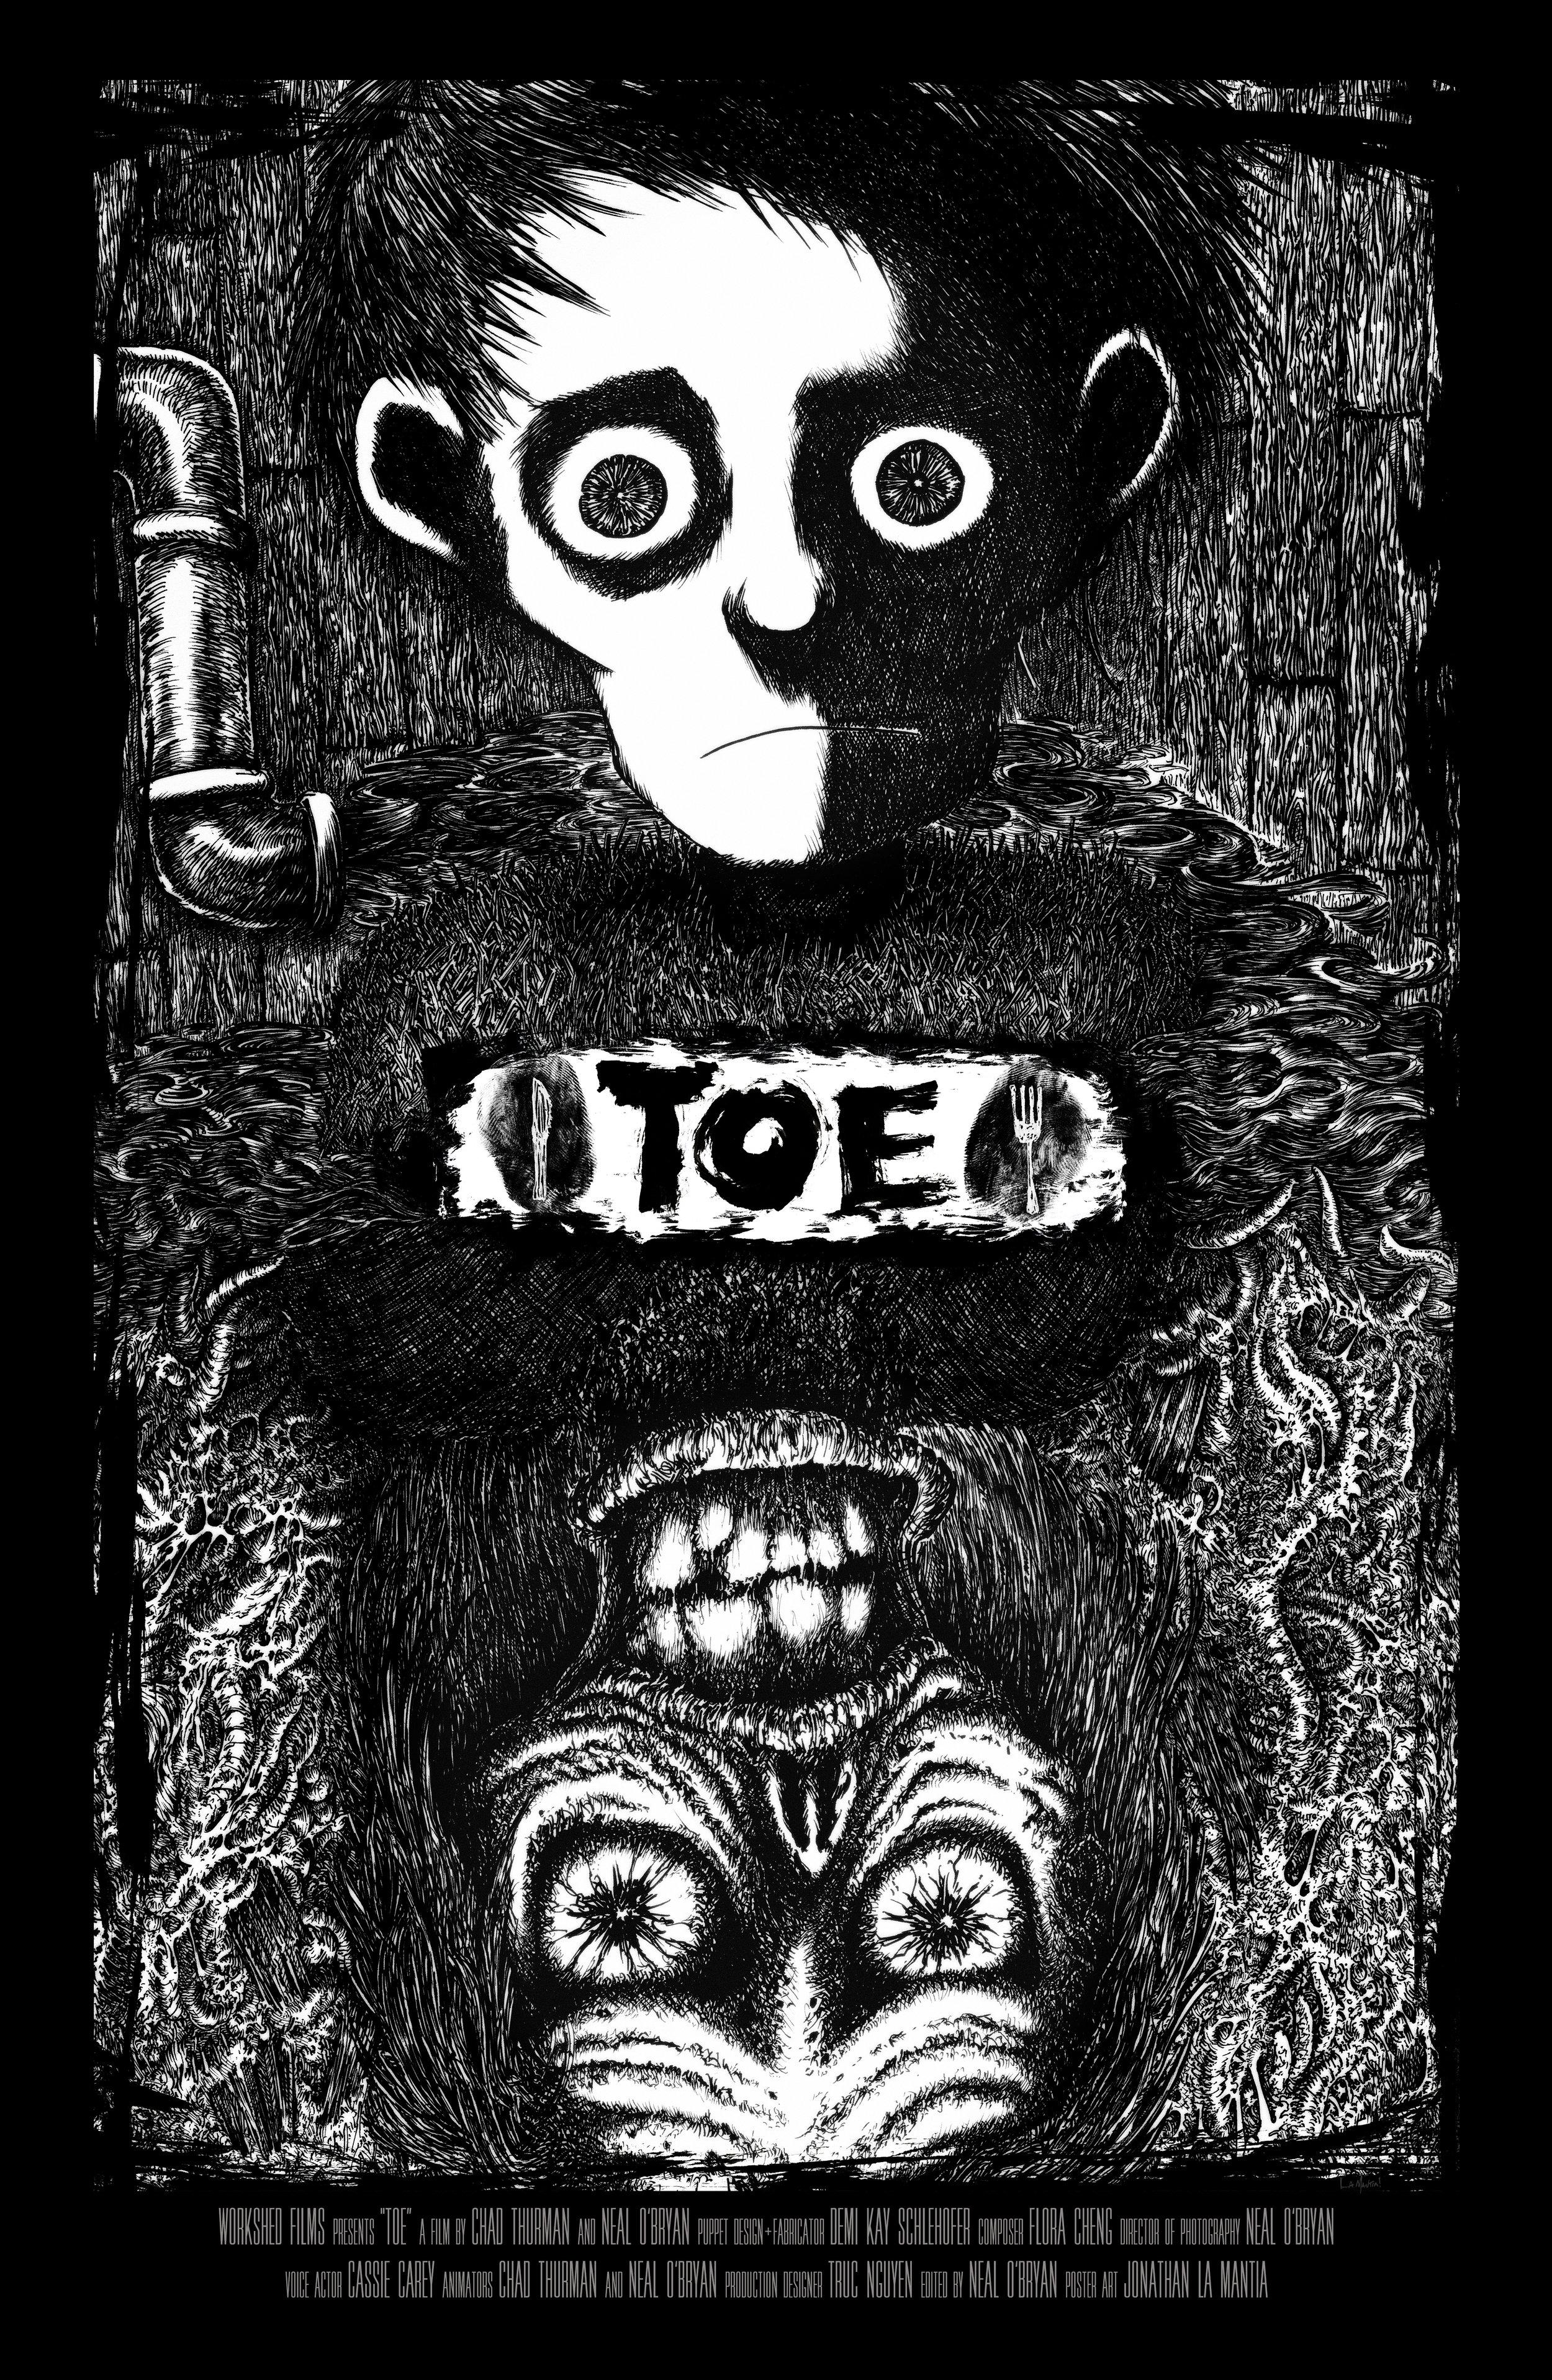 Toe - Poster - 01.jpg